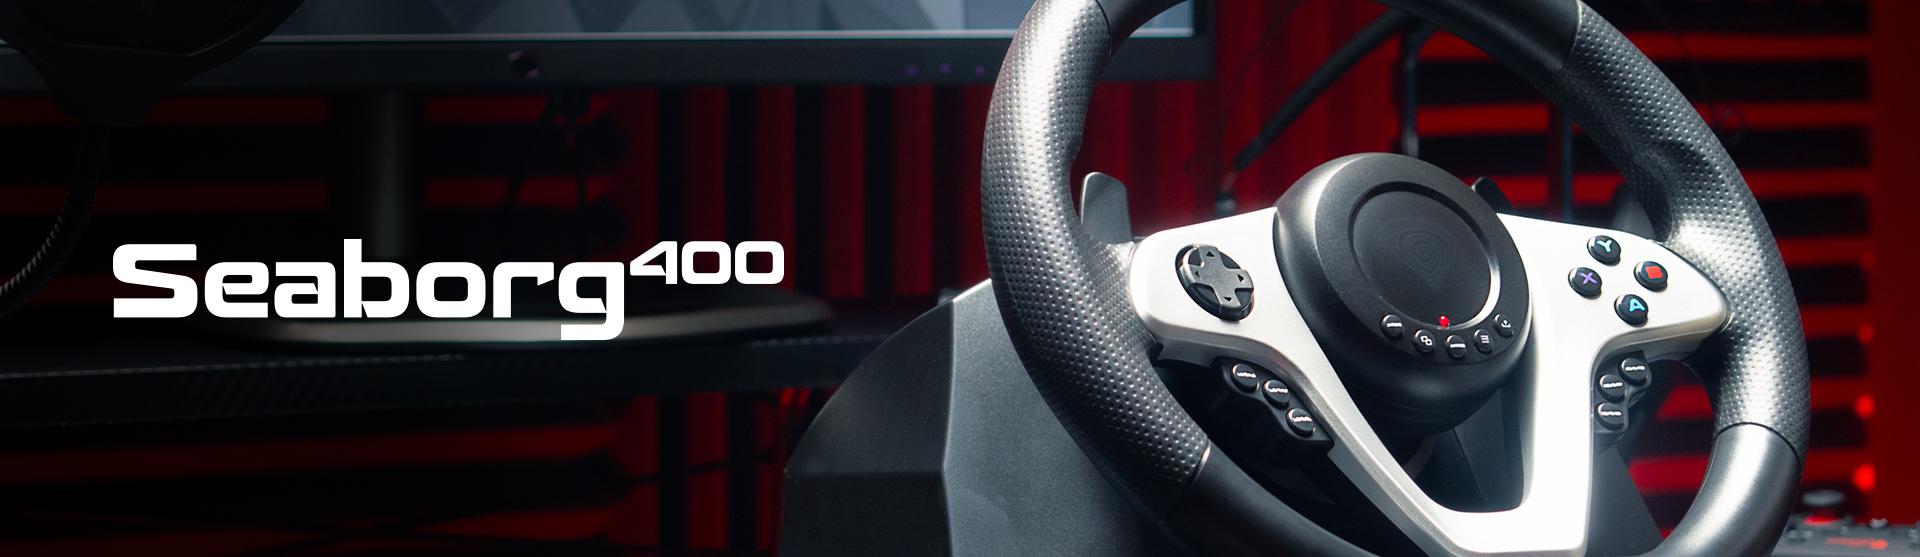 pc / konsol 11 için sürüş tekerleği genesis seaborg 400